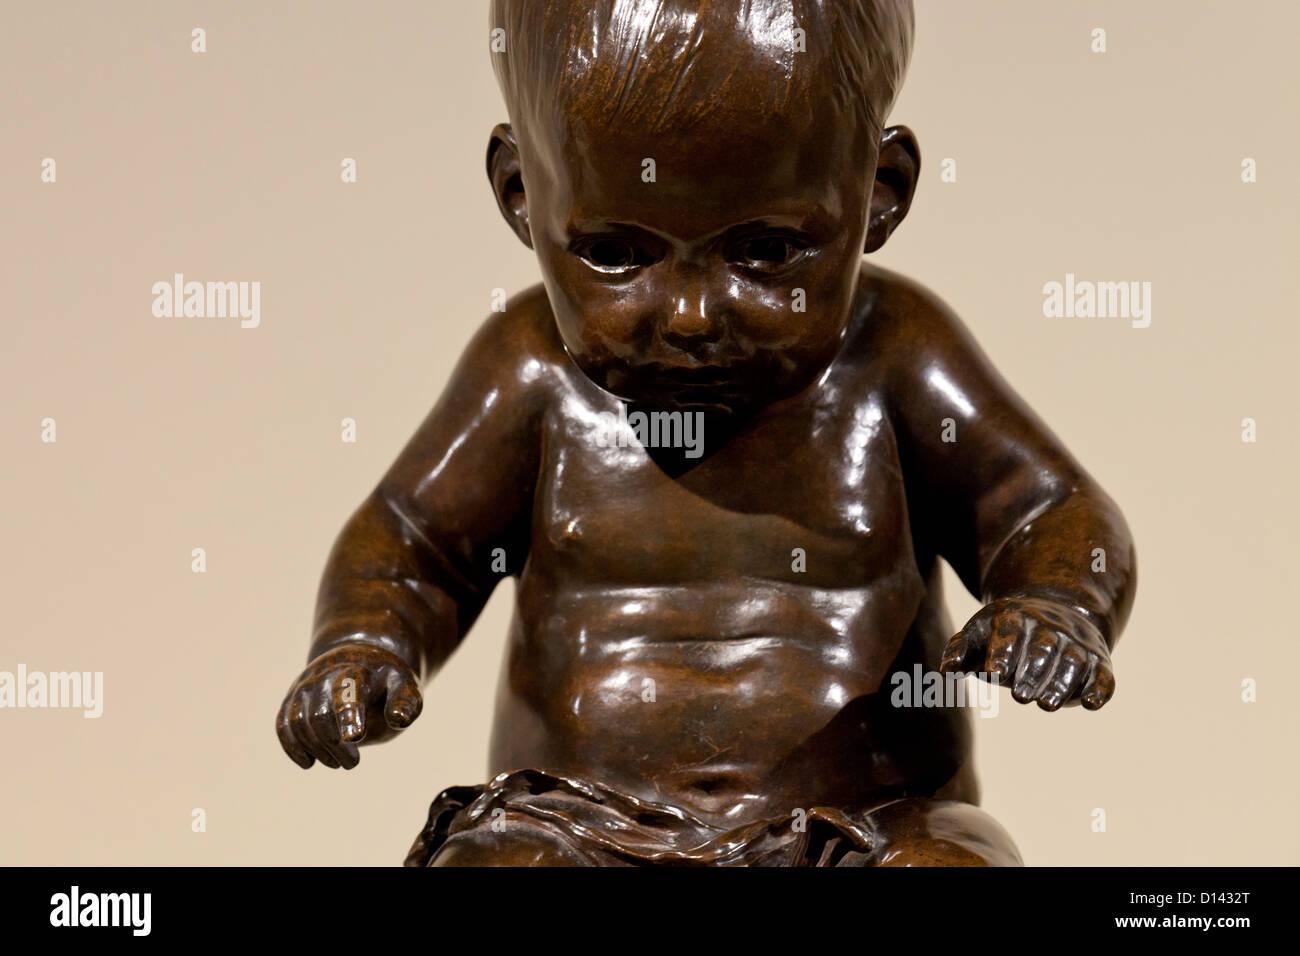 Bronze sculpture of baby boy - Stock Image